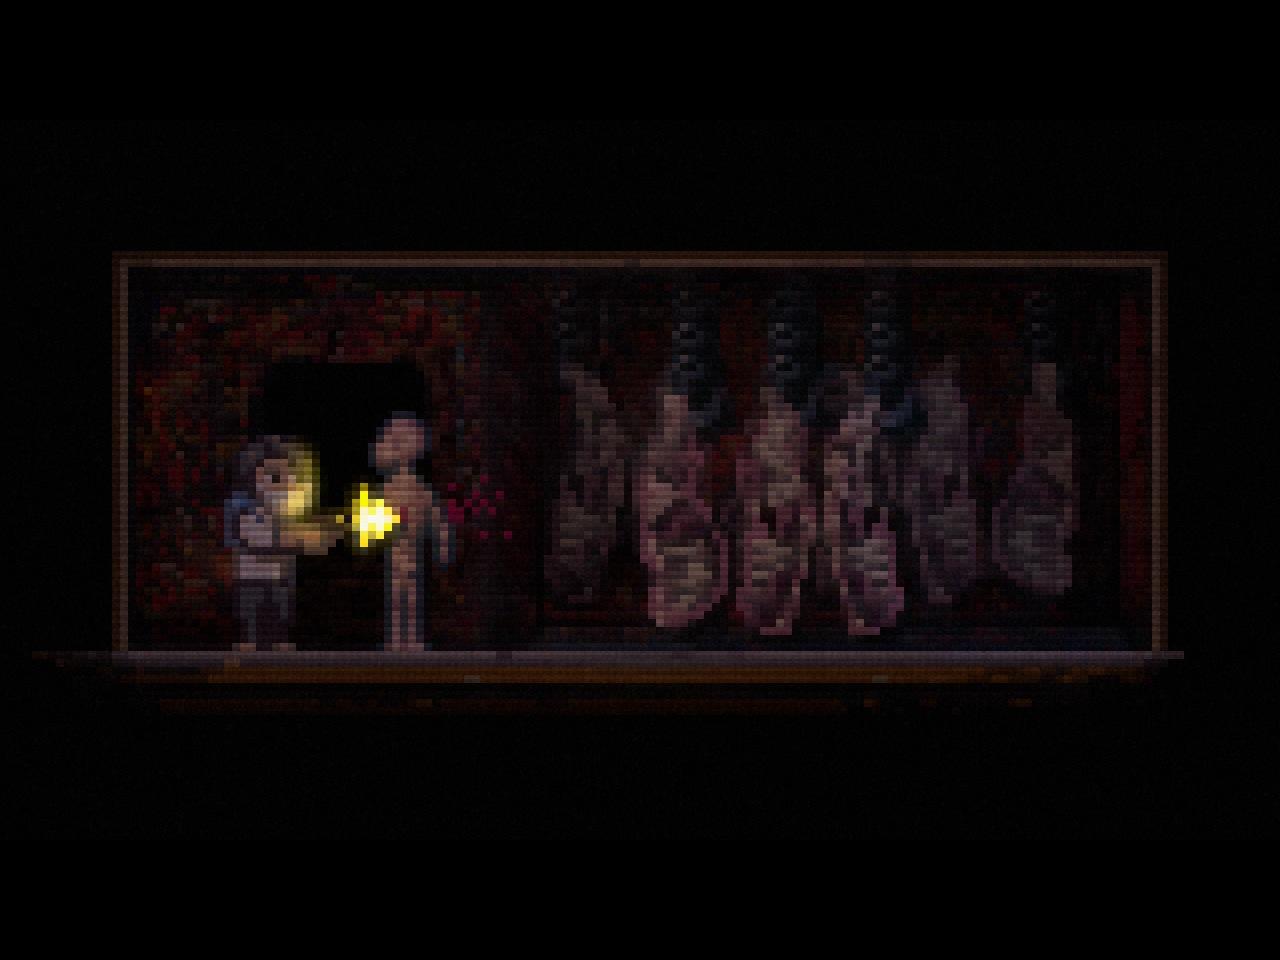 Sexy adult games screenshotes fucks clip